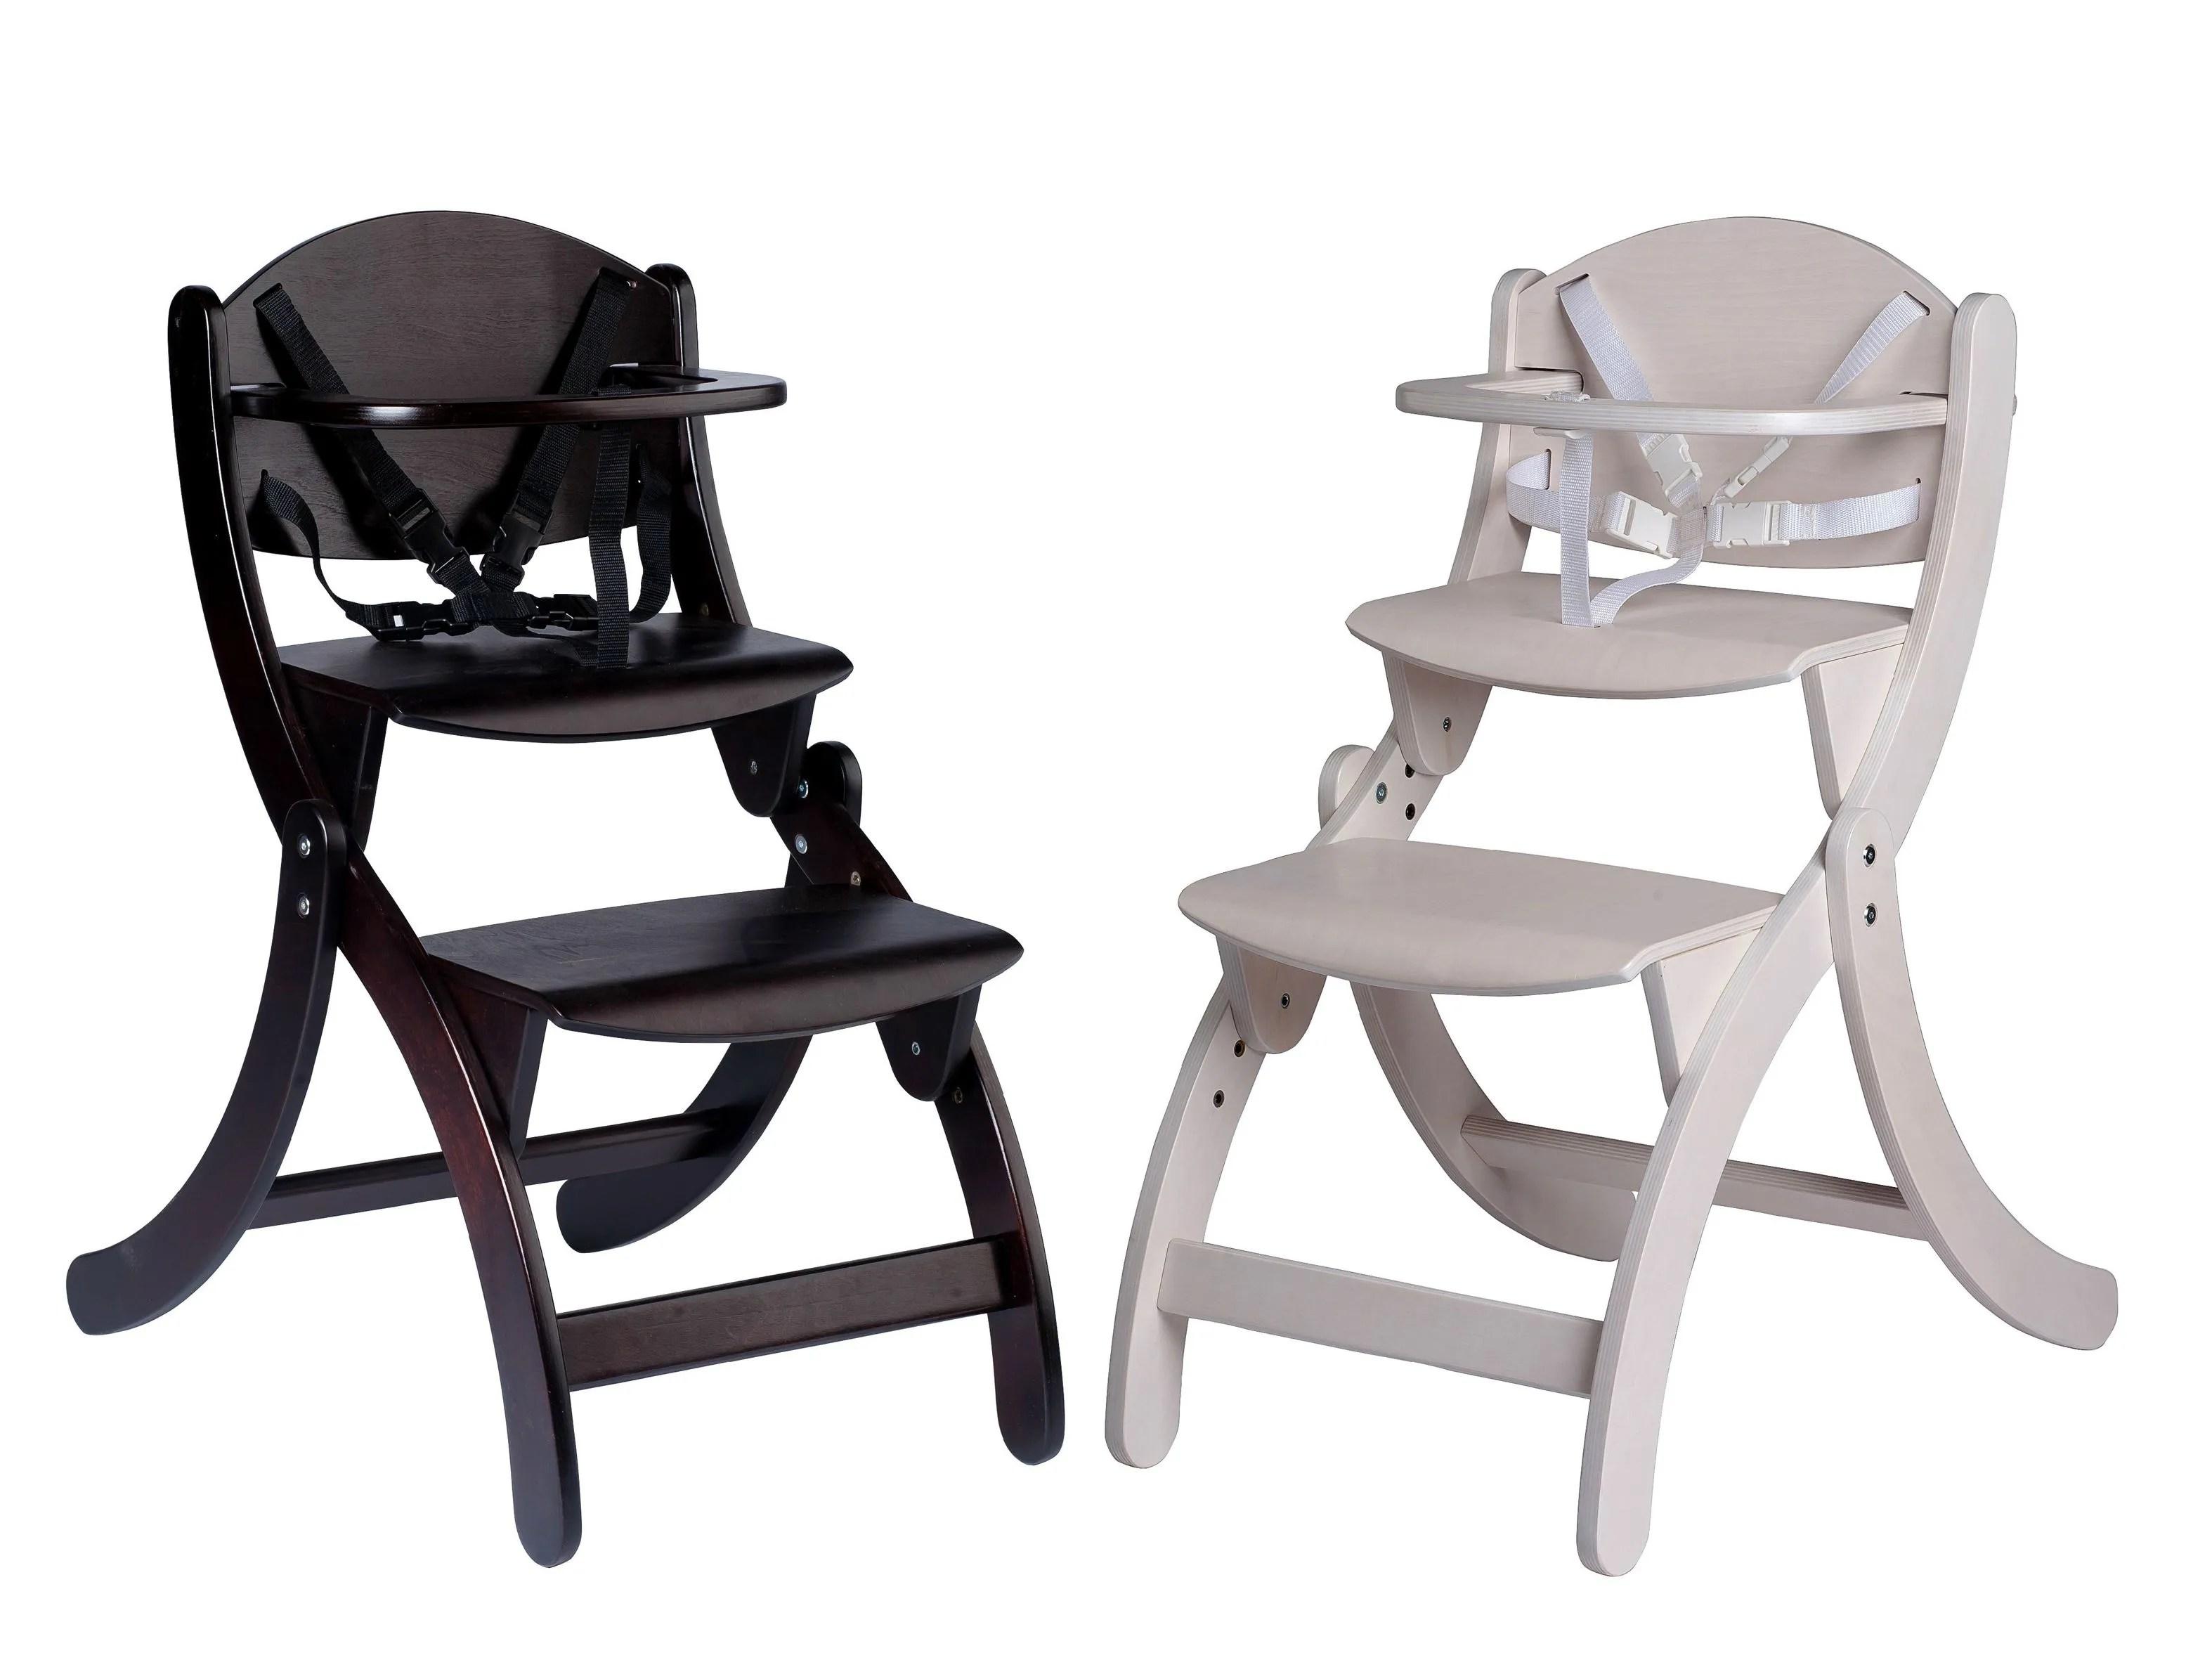 Seggioloni e sedie per bambini sedia a ovetto sedia a dondolo da